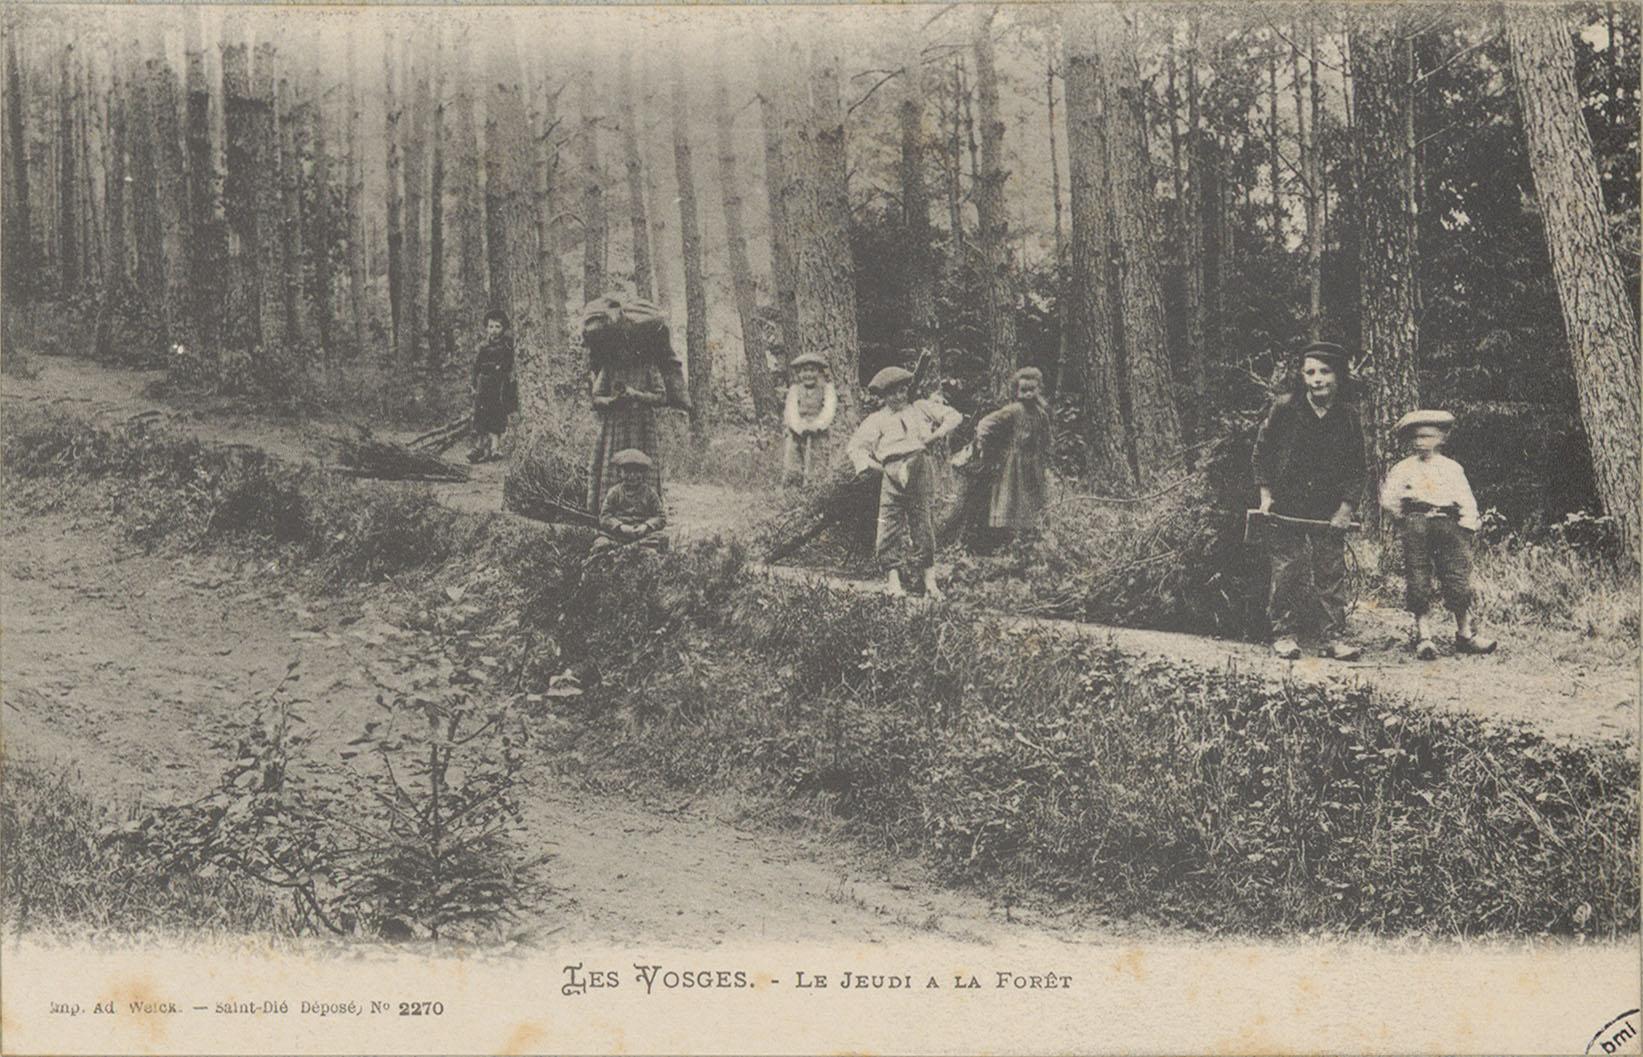 Contenu du Le Jeudi à la forêt